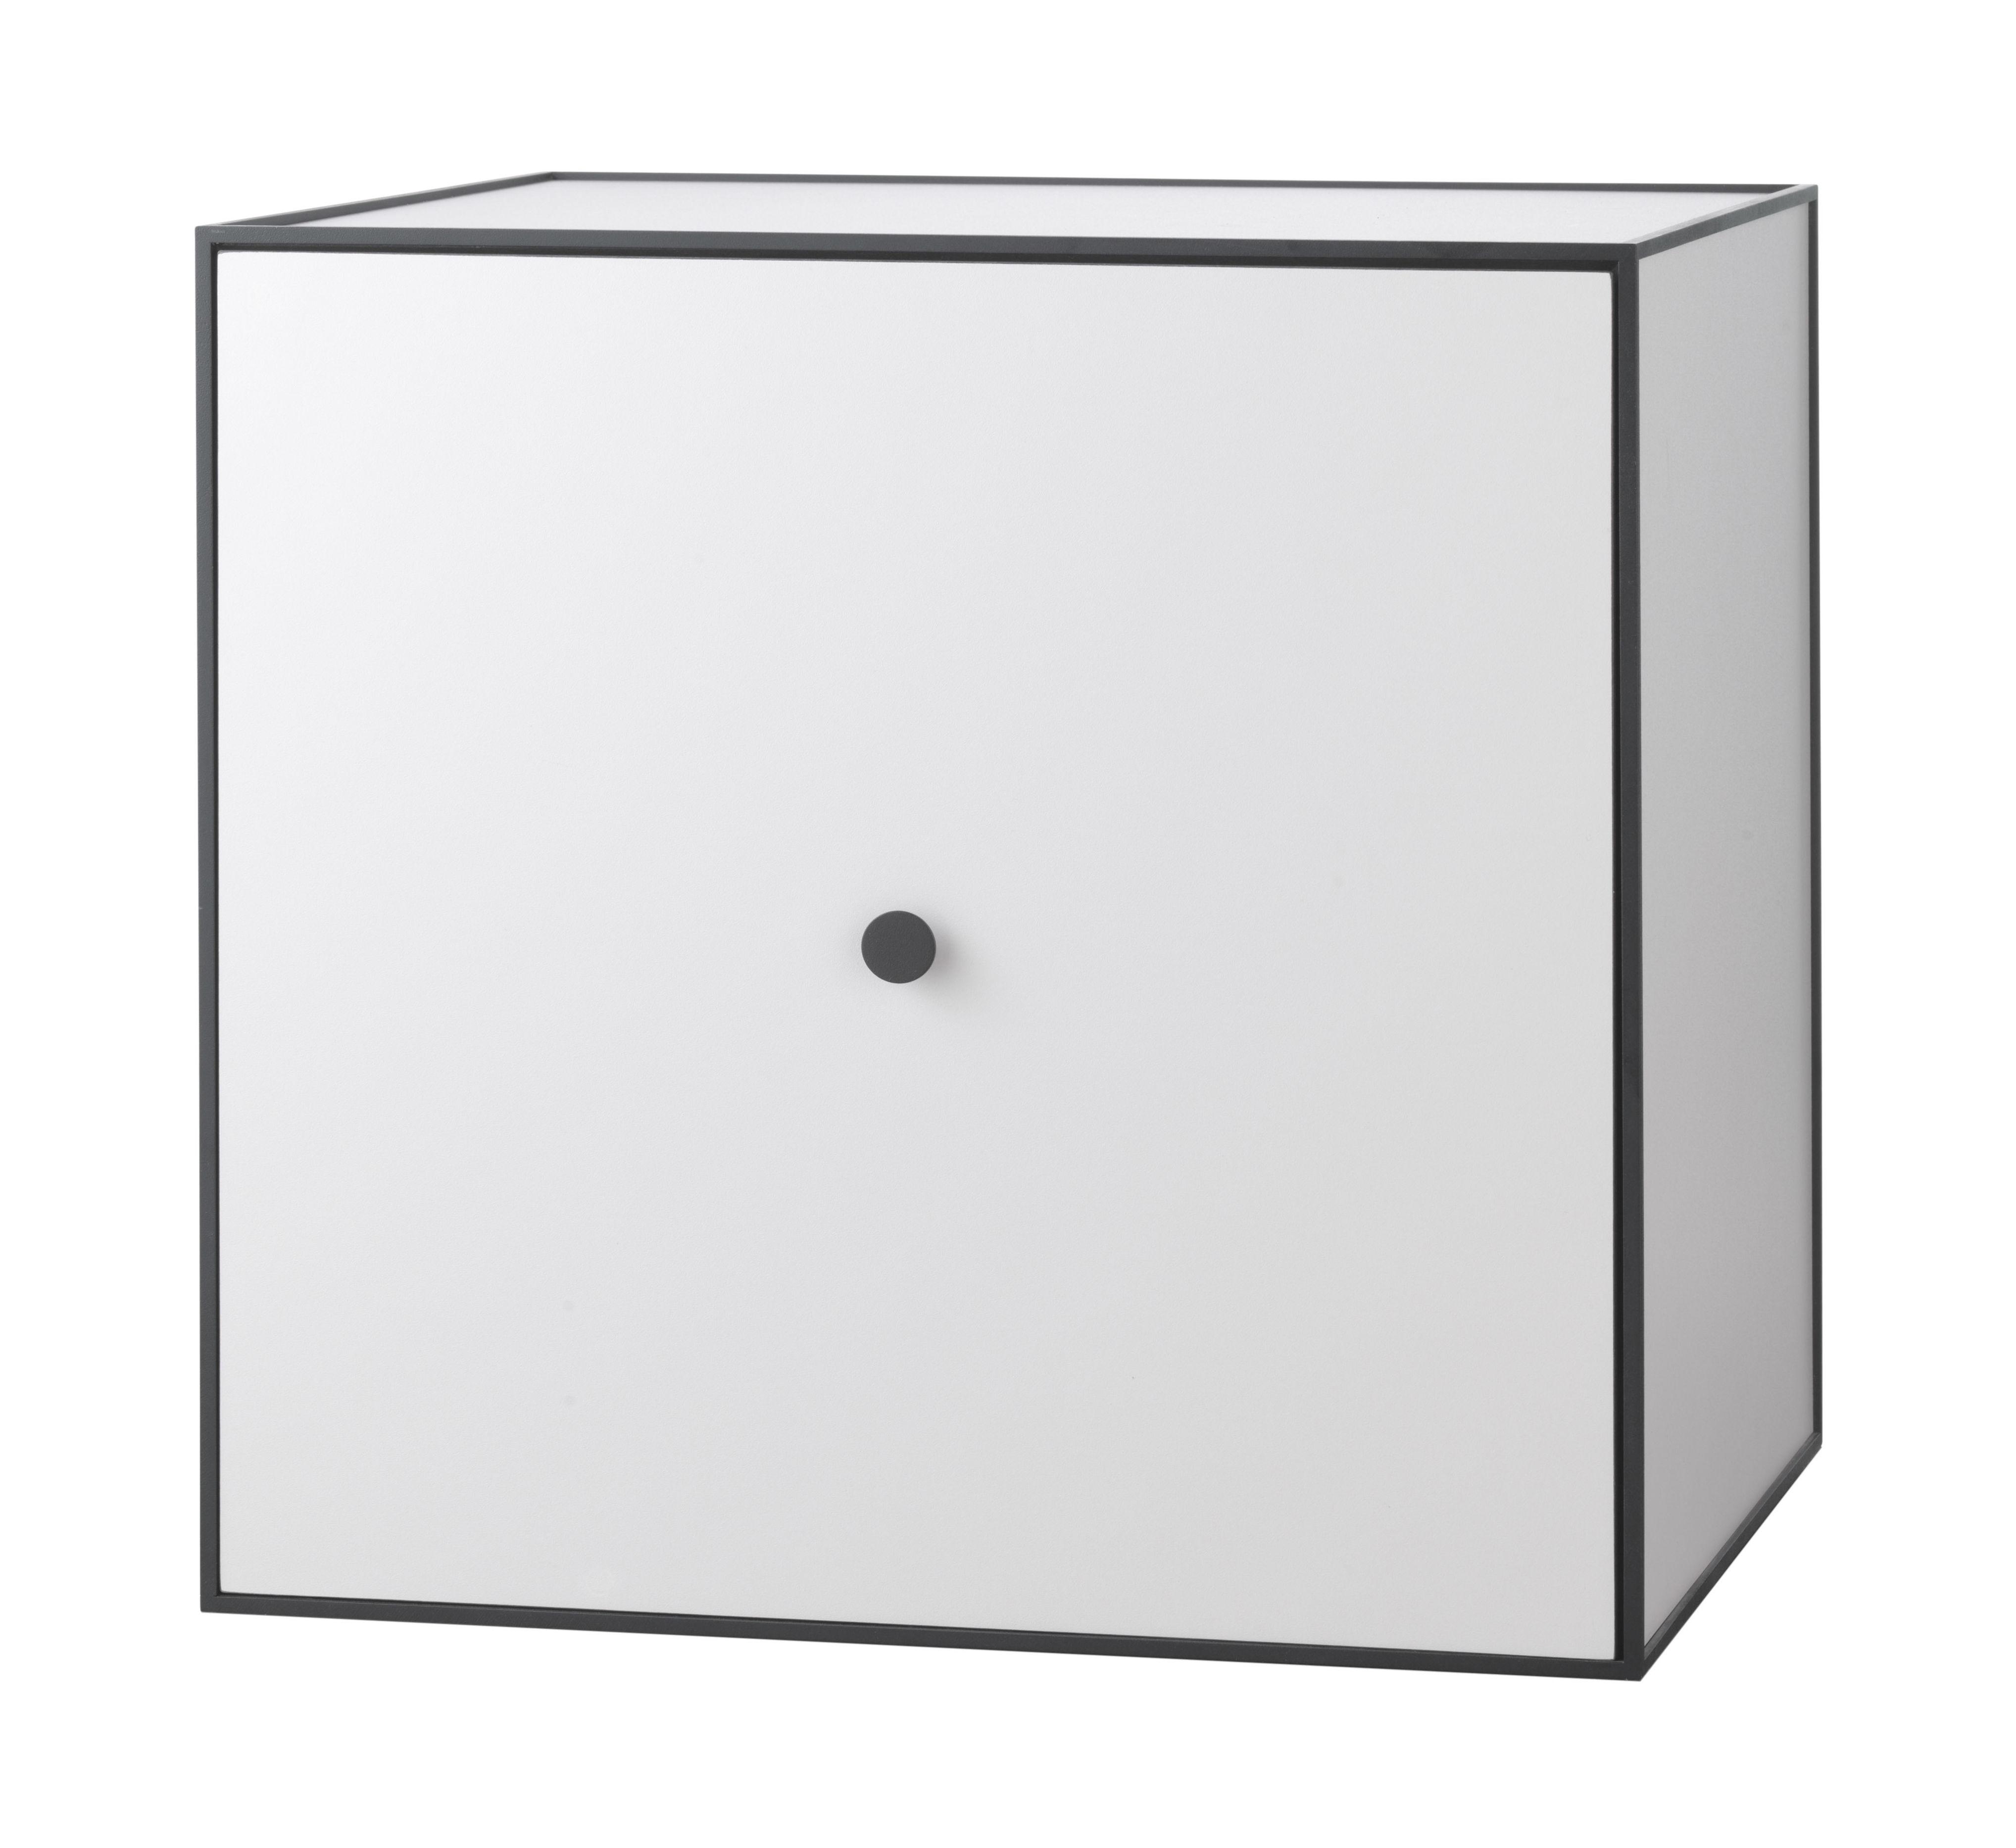 Mobilier - Etagères & bibliothèques - Etagère Frame / Boîte - 49x49 cm - by Lassen - Gris clair - Mélamine, Métal laqué époxy